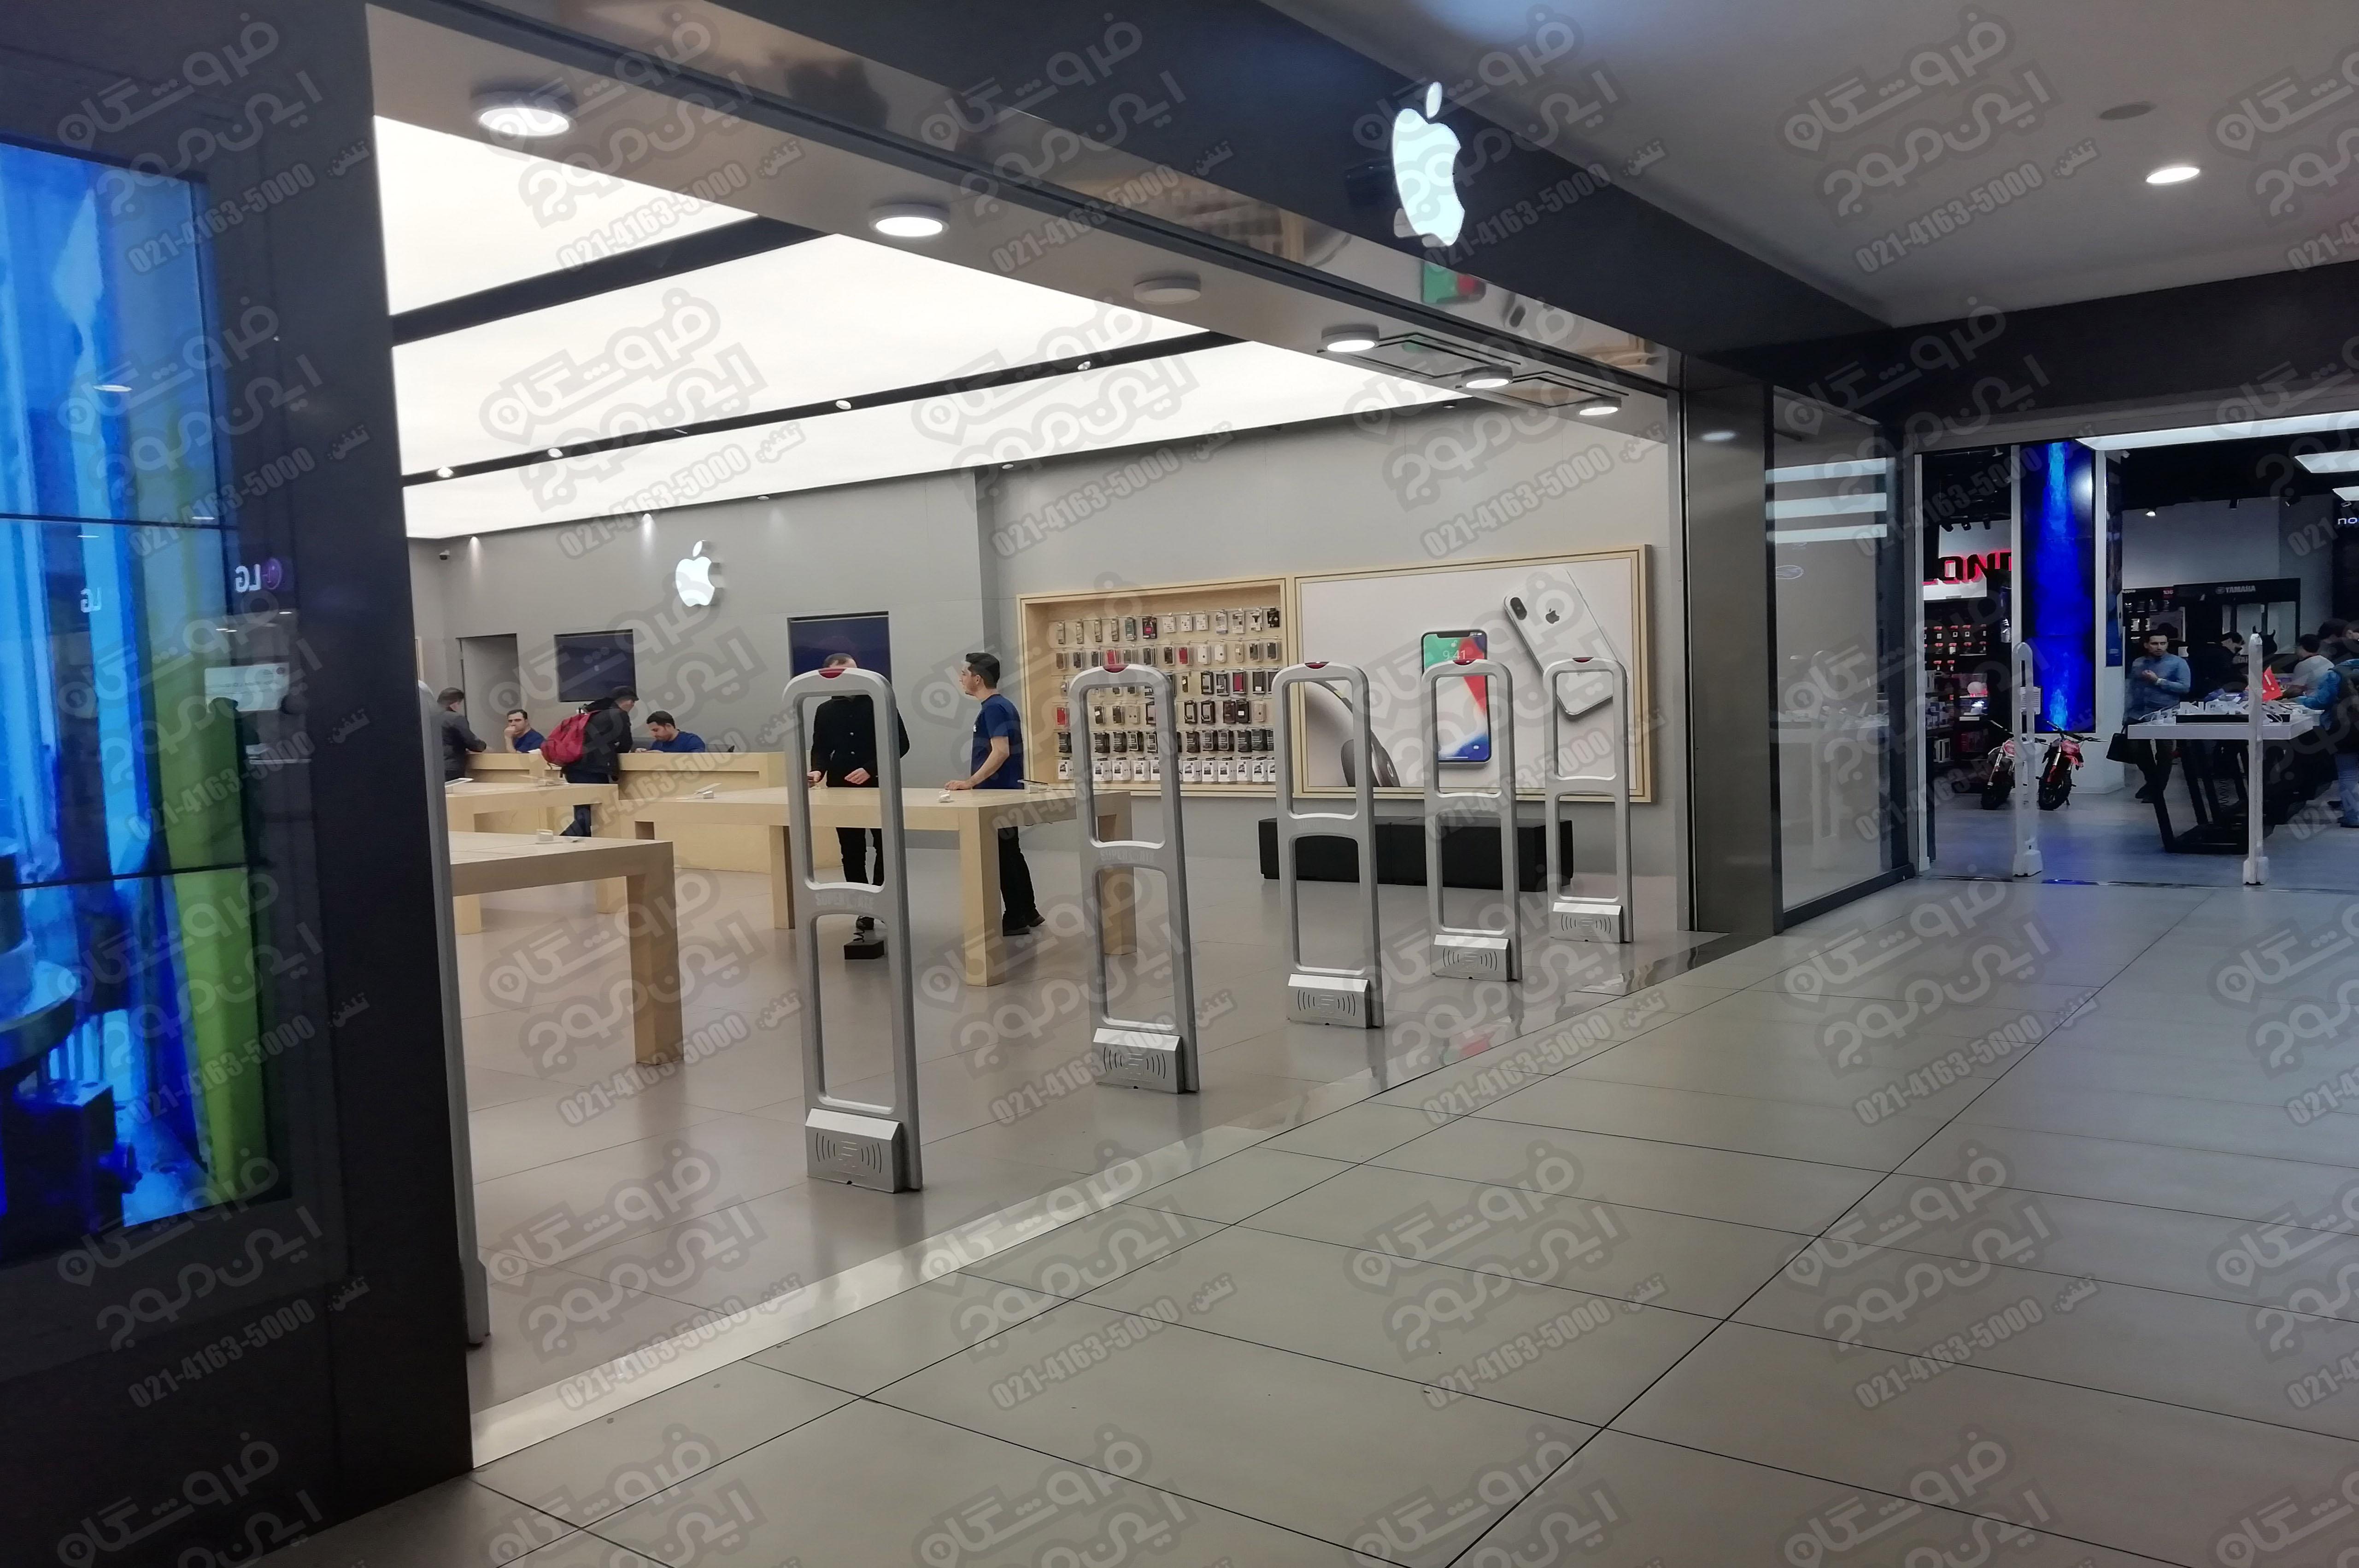 گیت-فروشگاهی-سوپر-گیت-نصب-شده-در-فروشگاه-بزرگ-سیب-طلایی-هوشمند